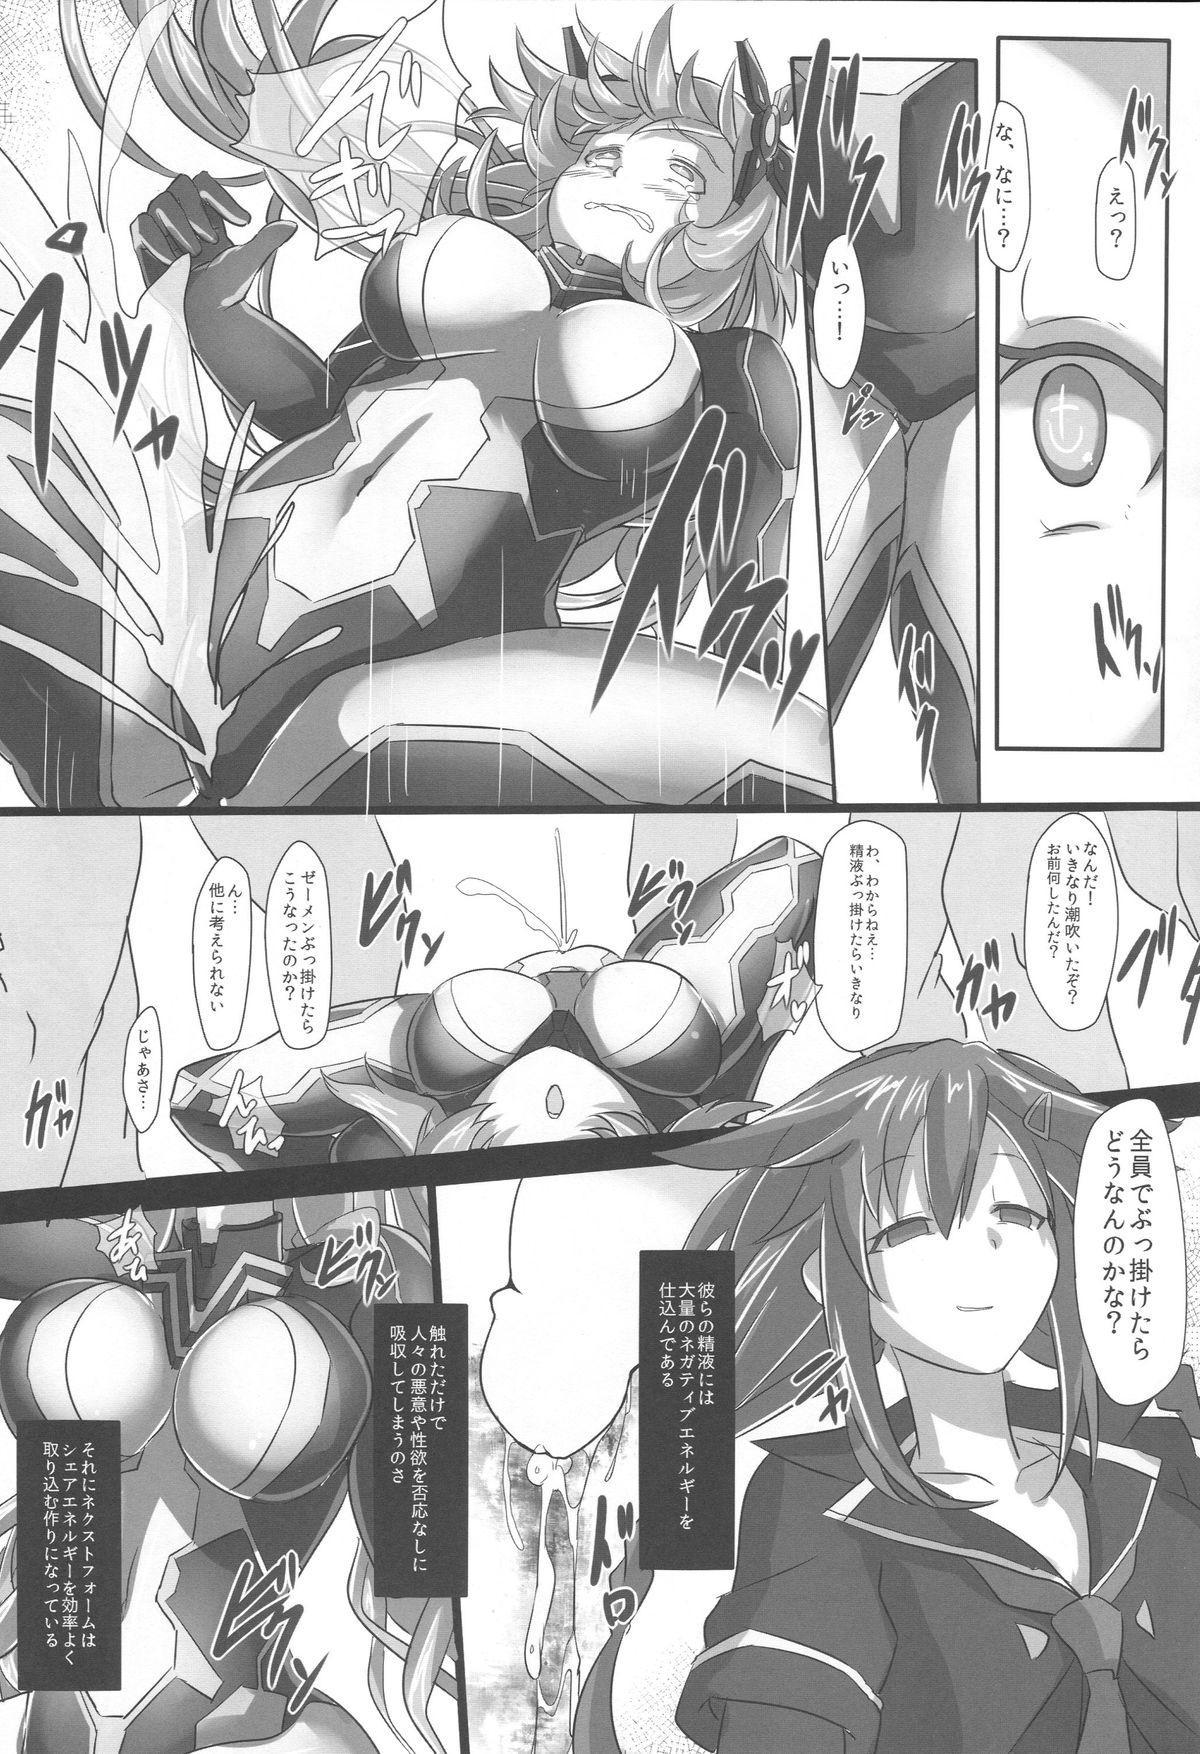 Nightmare of goddess 7